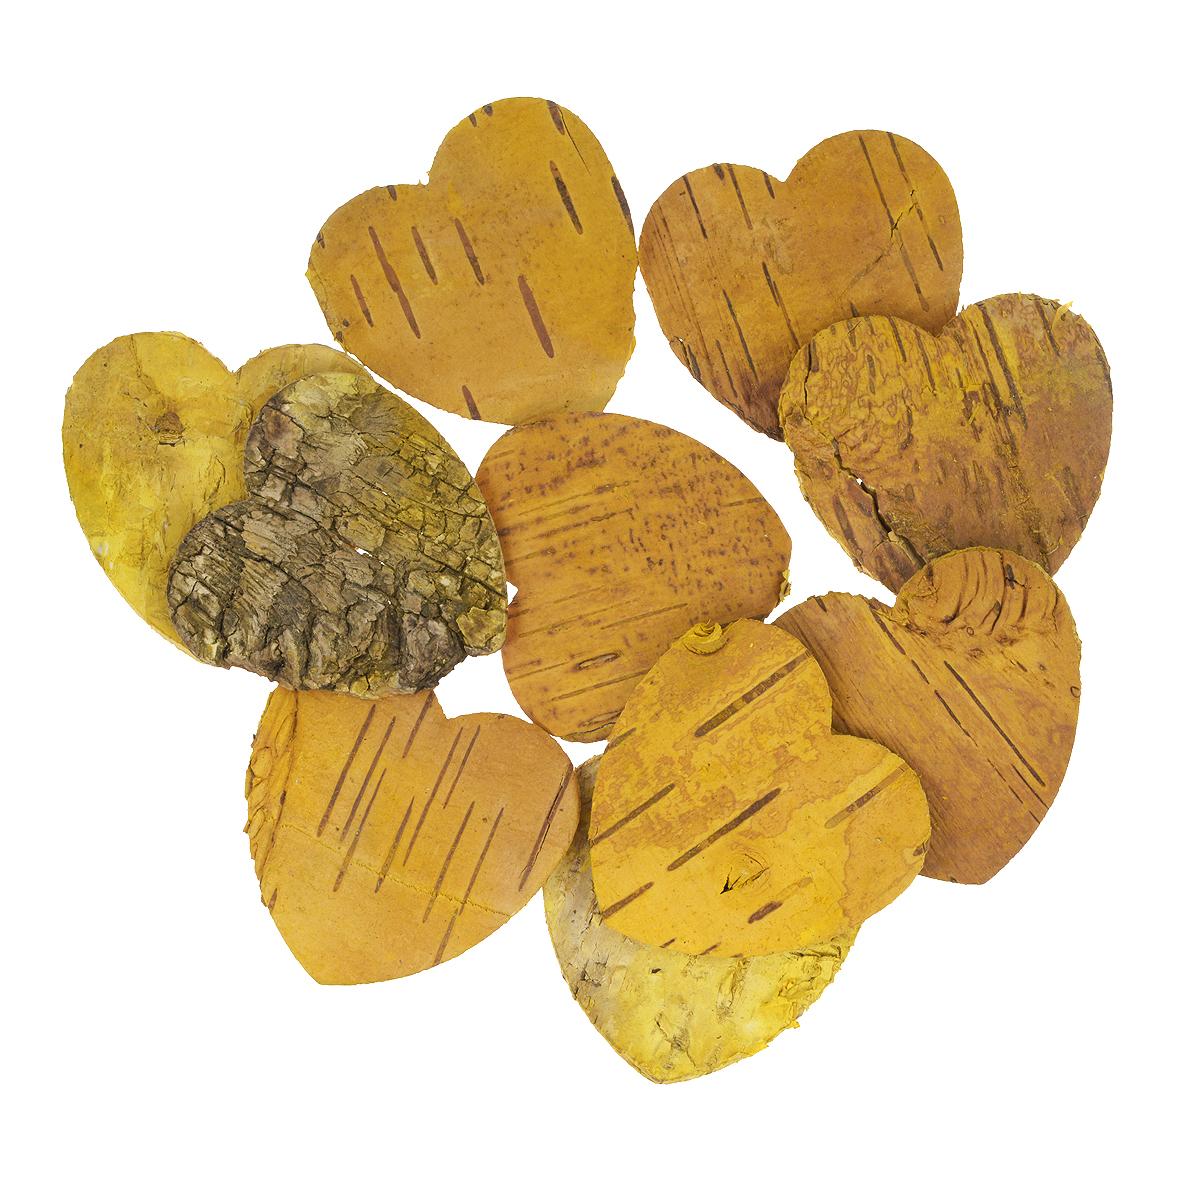 Декоративный элемент Dongjiang Art Сердце, цвет: желтый, 10 шт7709004Декоративный элемент Dongjiang Art Сердце, изготовленный из натуральной коры дерева, предназначен для украшения цветочных композиций. Изделие можно также использовать в технике скрапбукинг и многом другом. Флористика - вид декоративно-прикладного искусства, который использует живые, засушенные или консервированные природные материалы для создания флористических работ. Это целый мир, в котором есть место и строгому математическому расчету, и вдохновению.